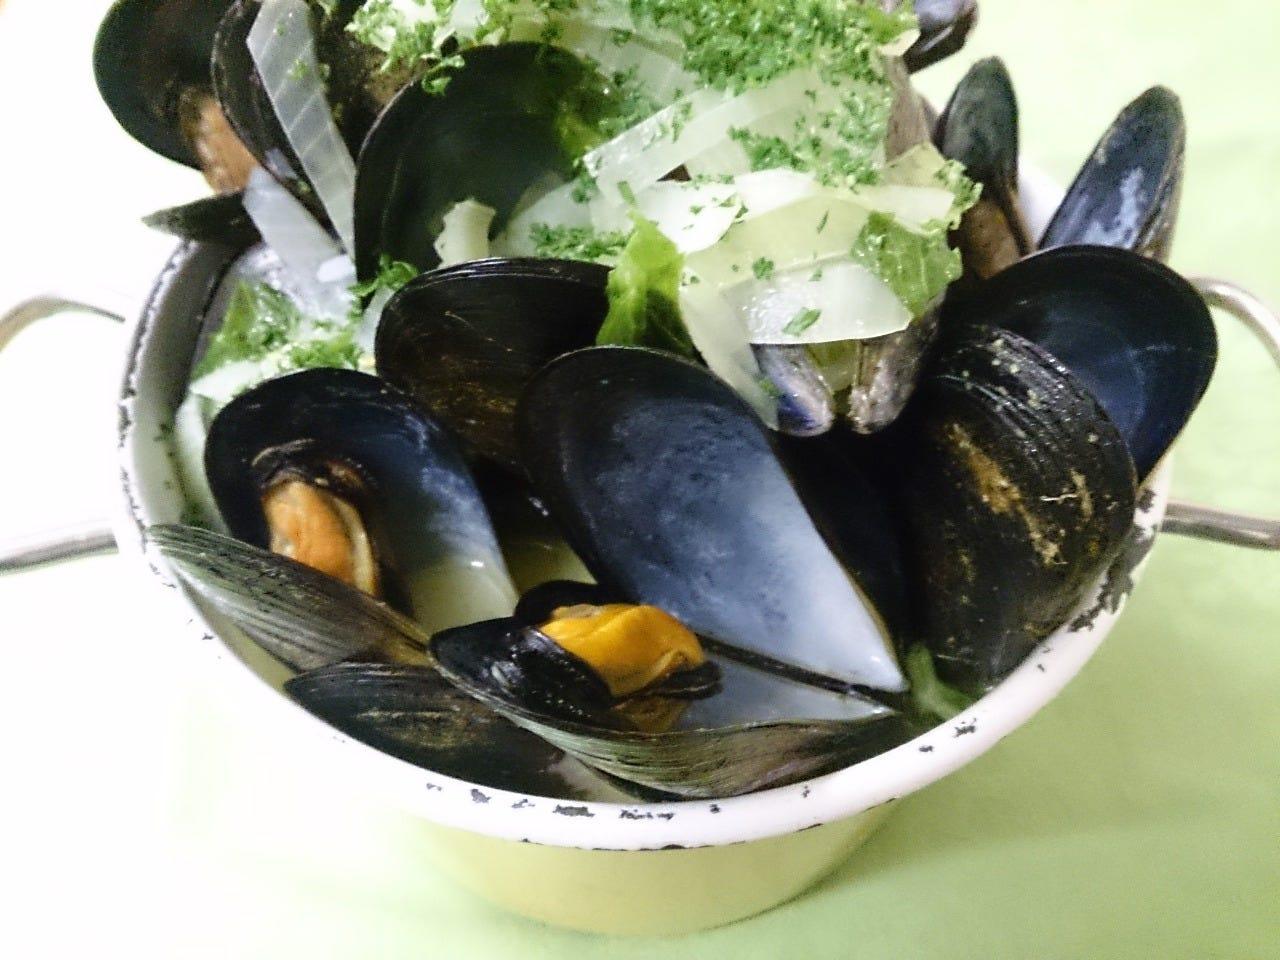 ベルギー郷土料理の代表格! ムール貝の白ワイン蒸し